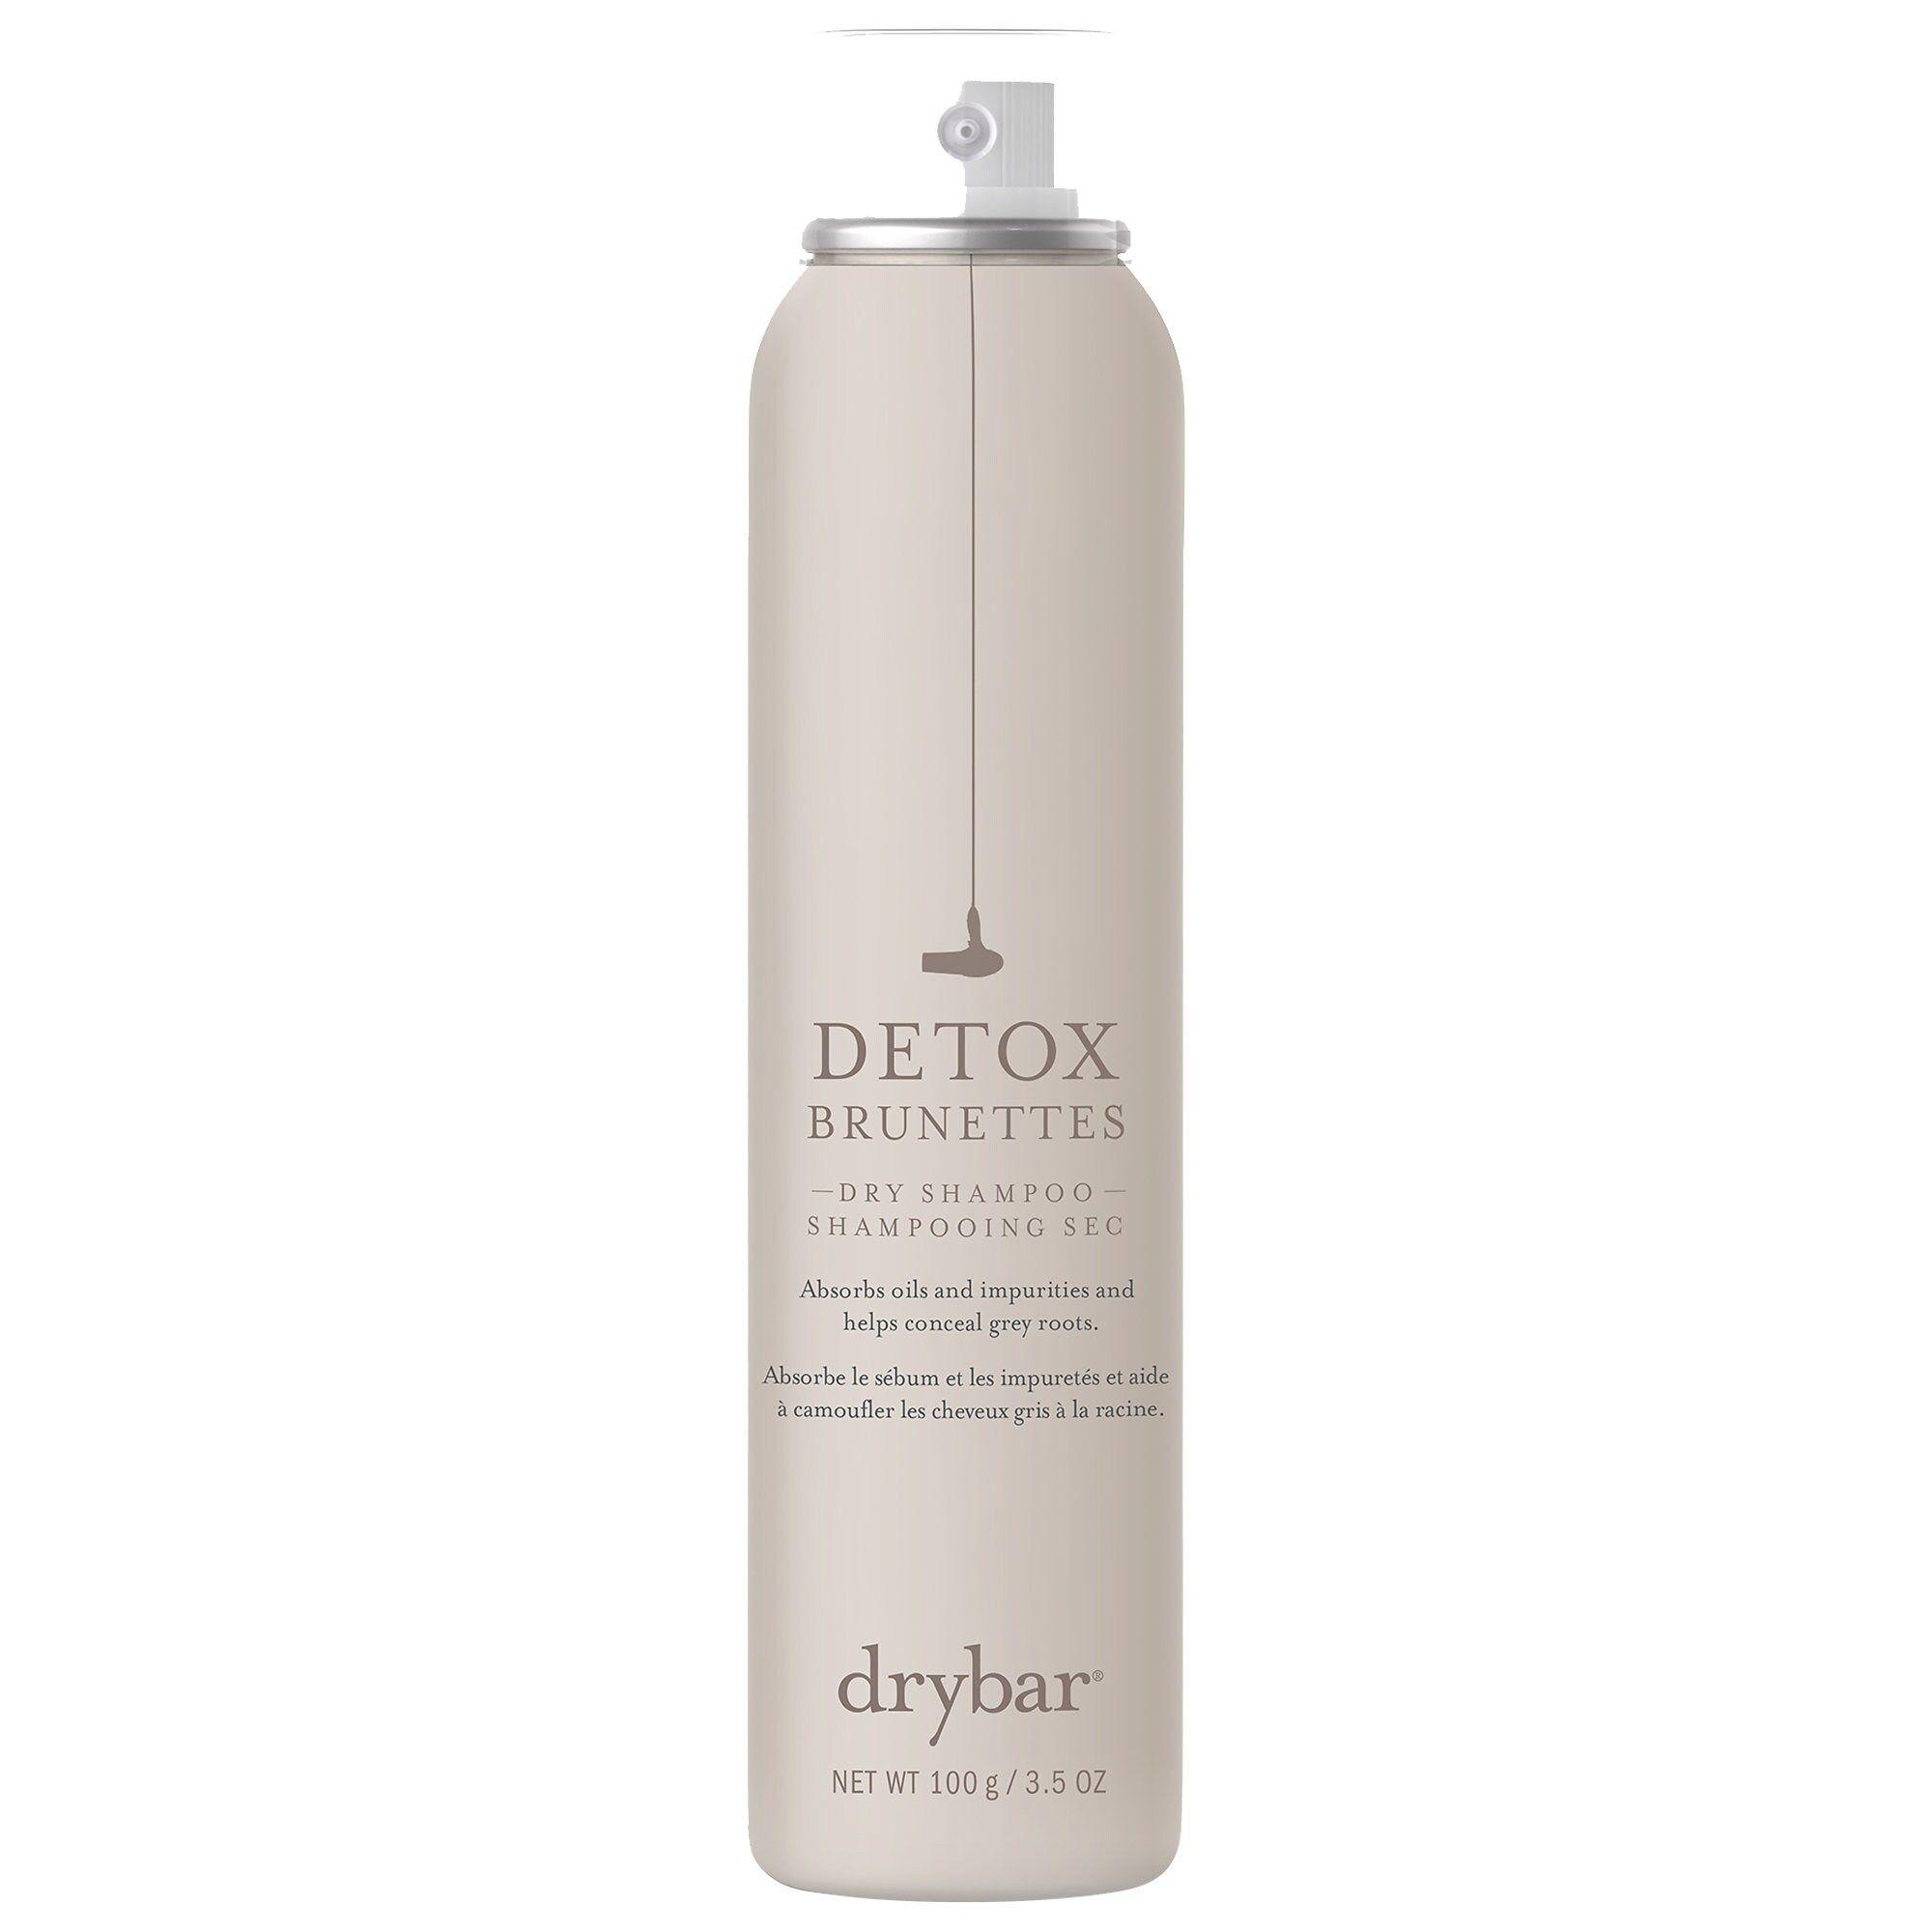 Drybar Detox Dry Shampoo For Brunettes 3 5 Oz In 2021 Dry Shampoo Drybar Detox